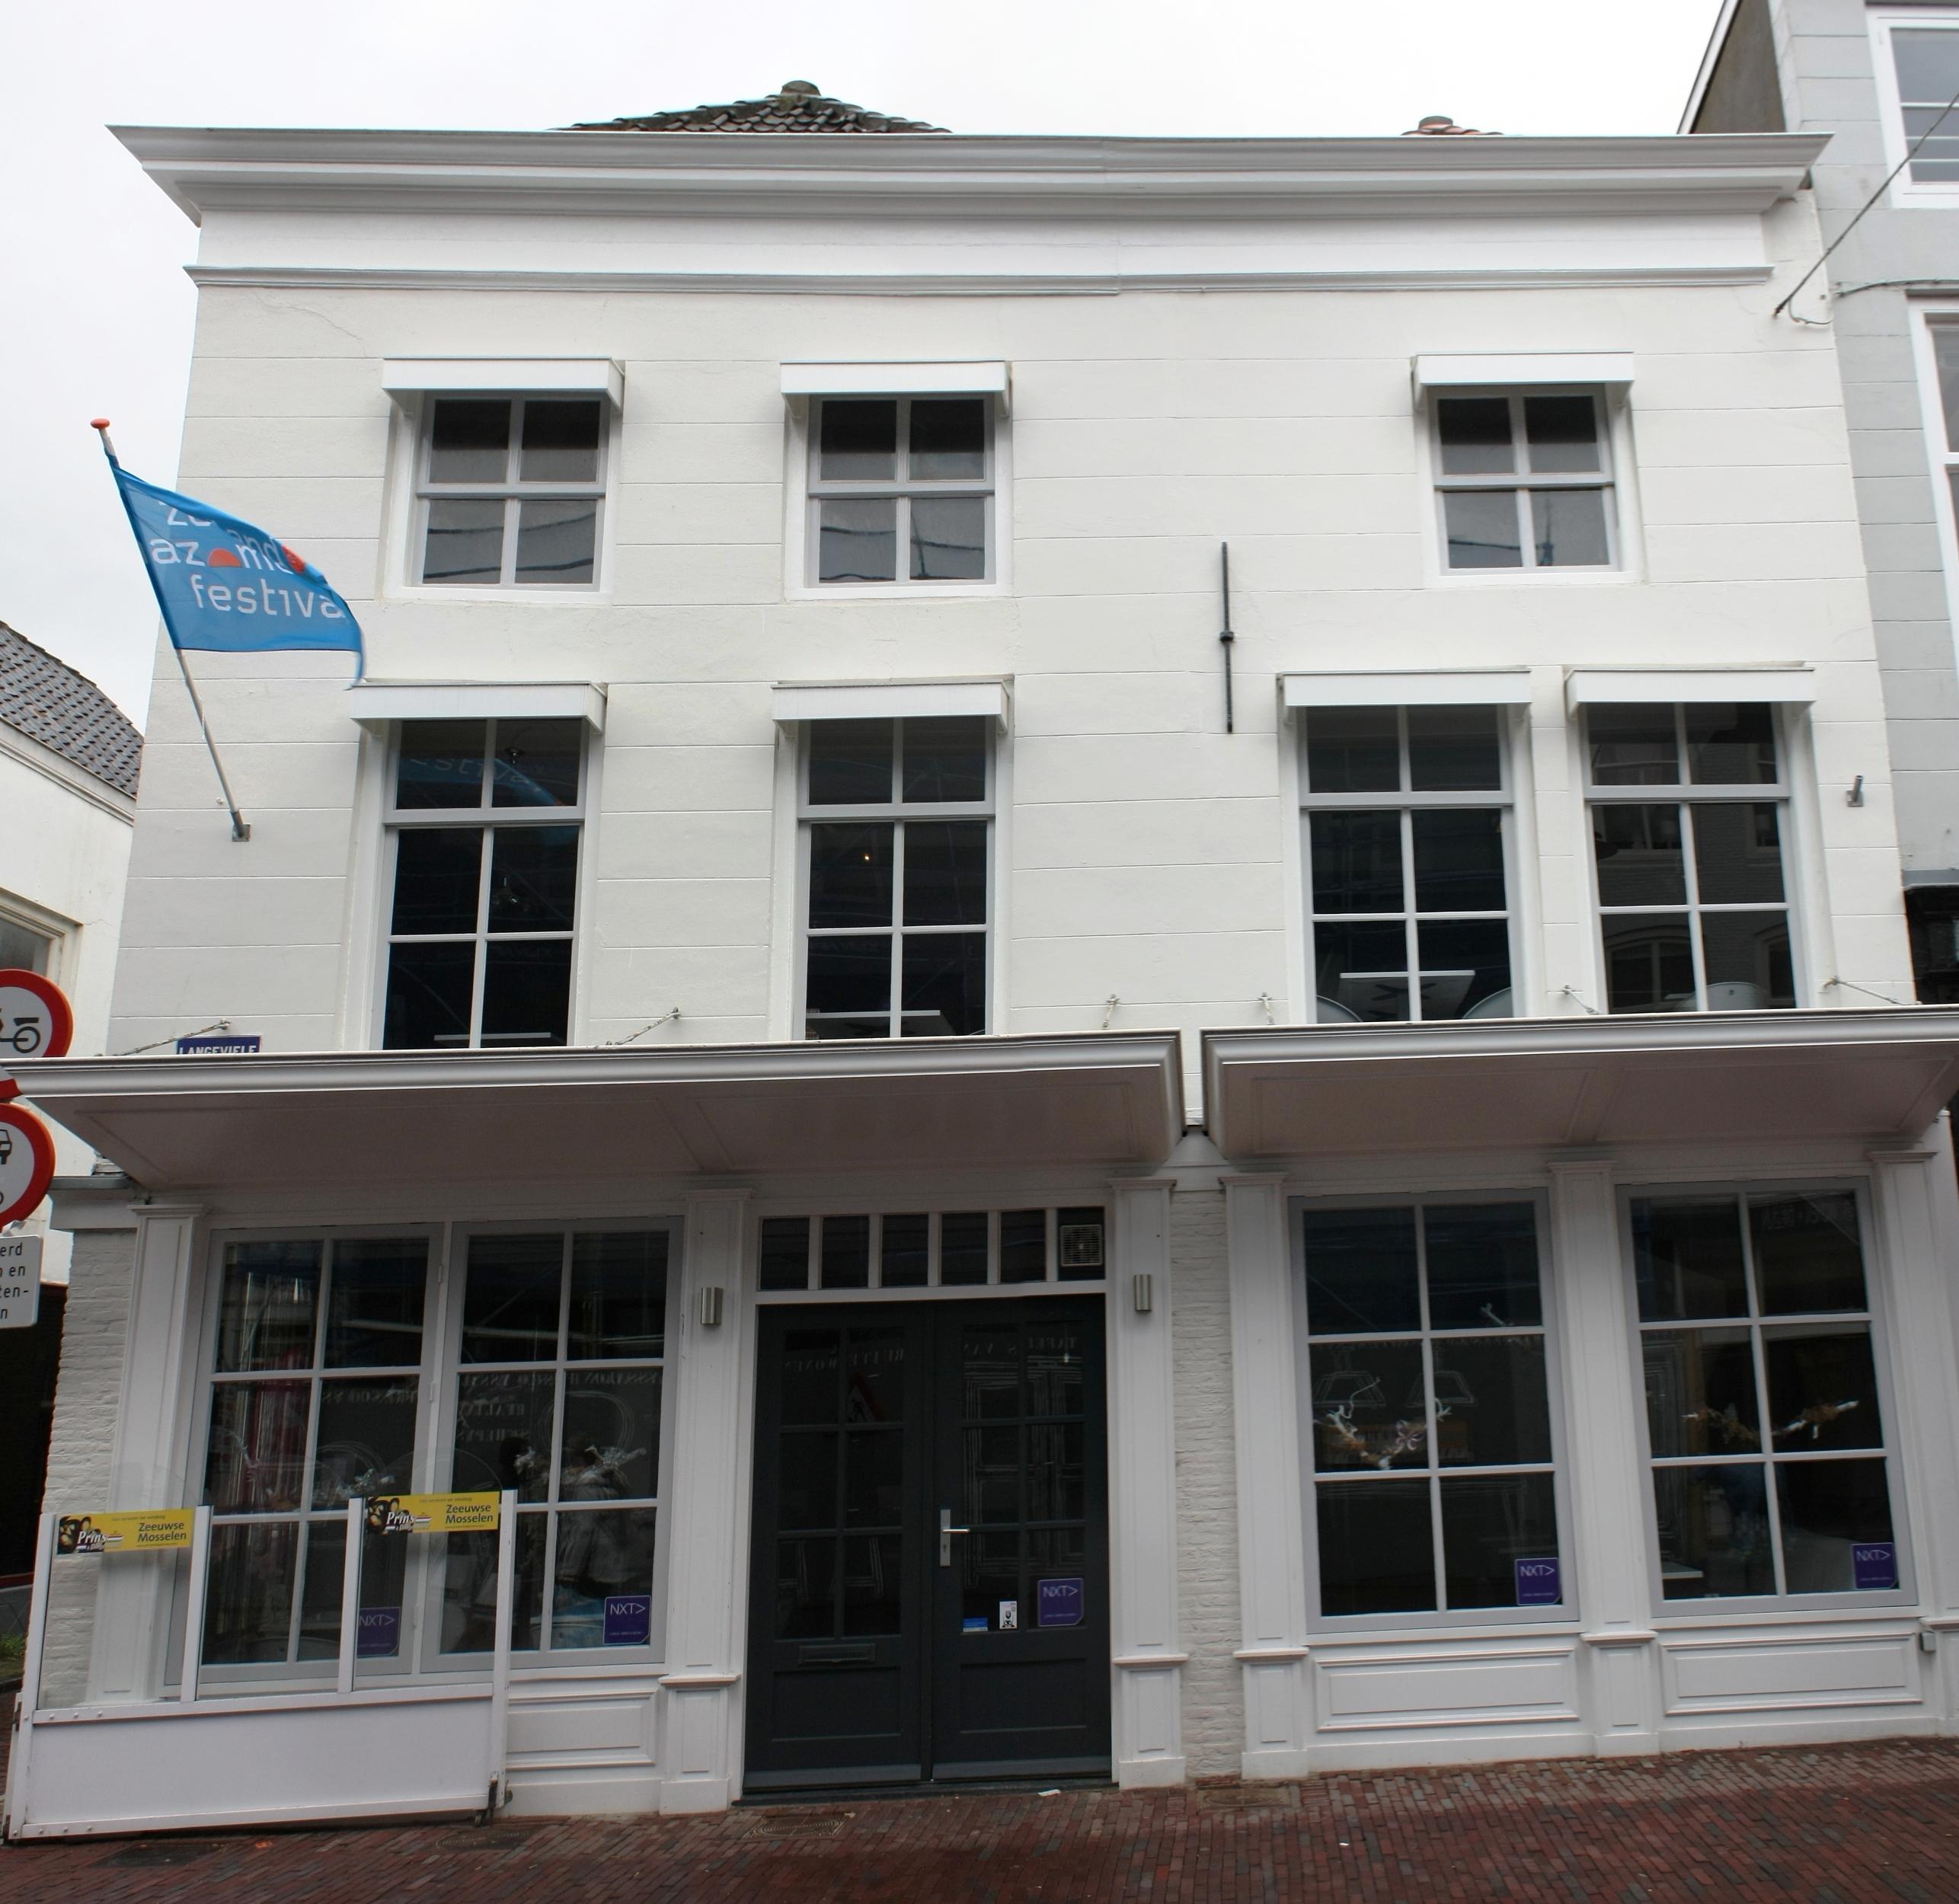 Huis met gepleisterde gevel in middelburg monument - Huis gevel ...